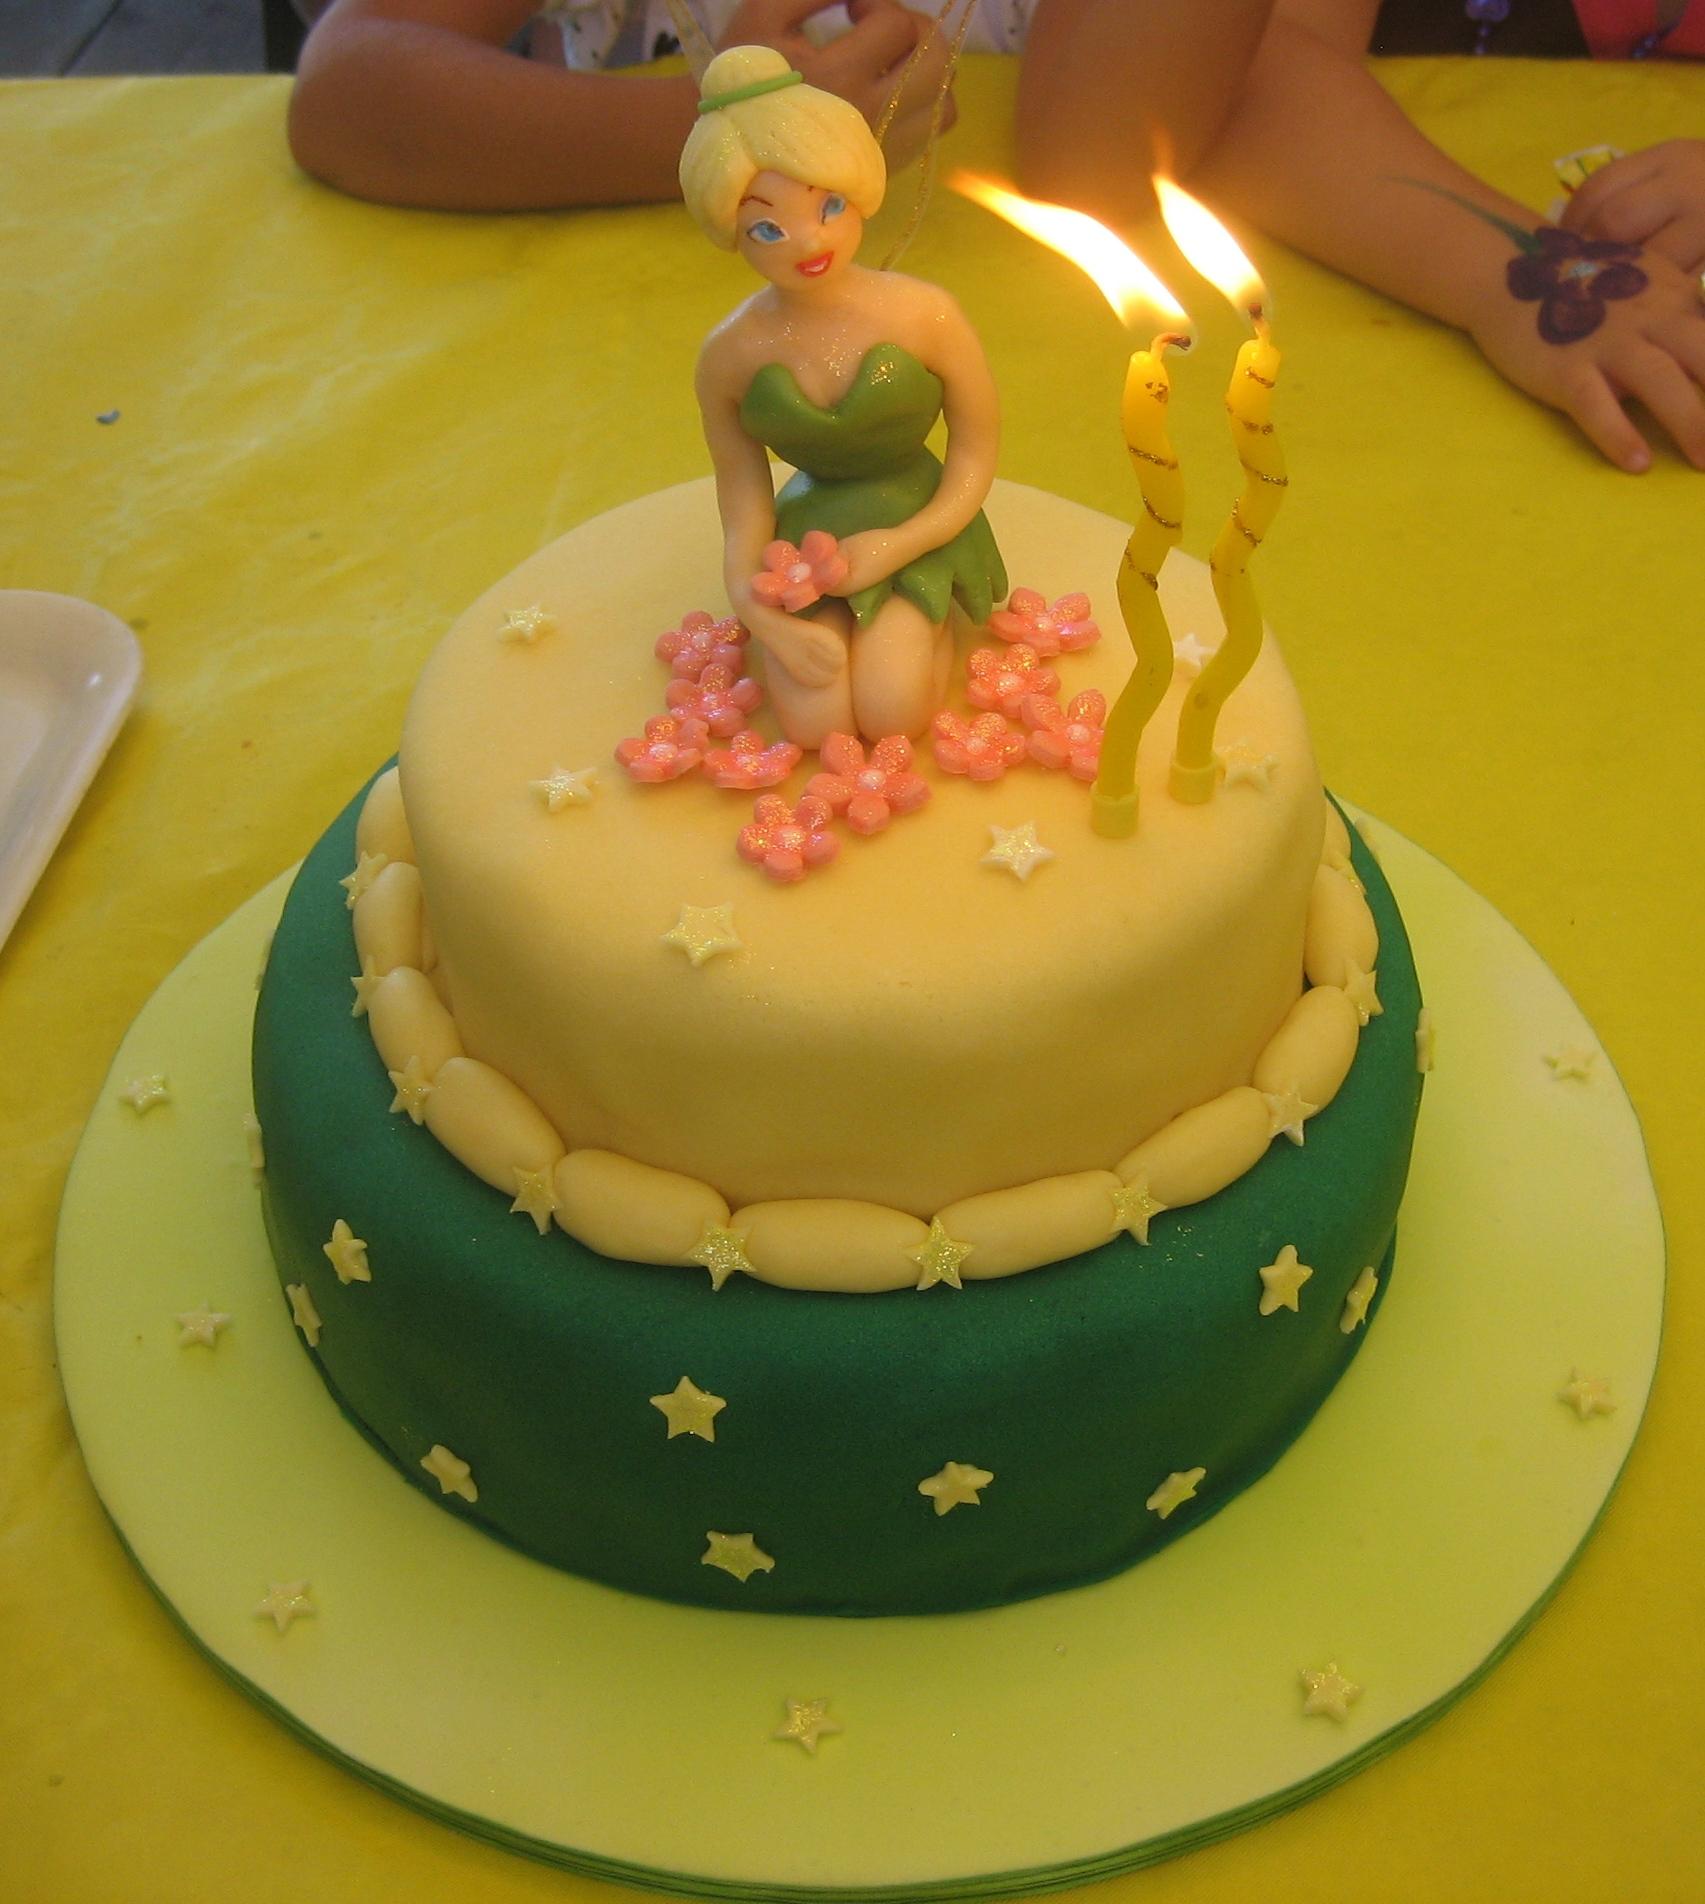 Torta trilli e i pirati cristallo di zucchero for Immagini di trilli